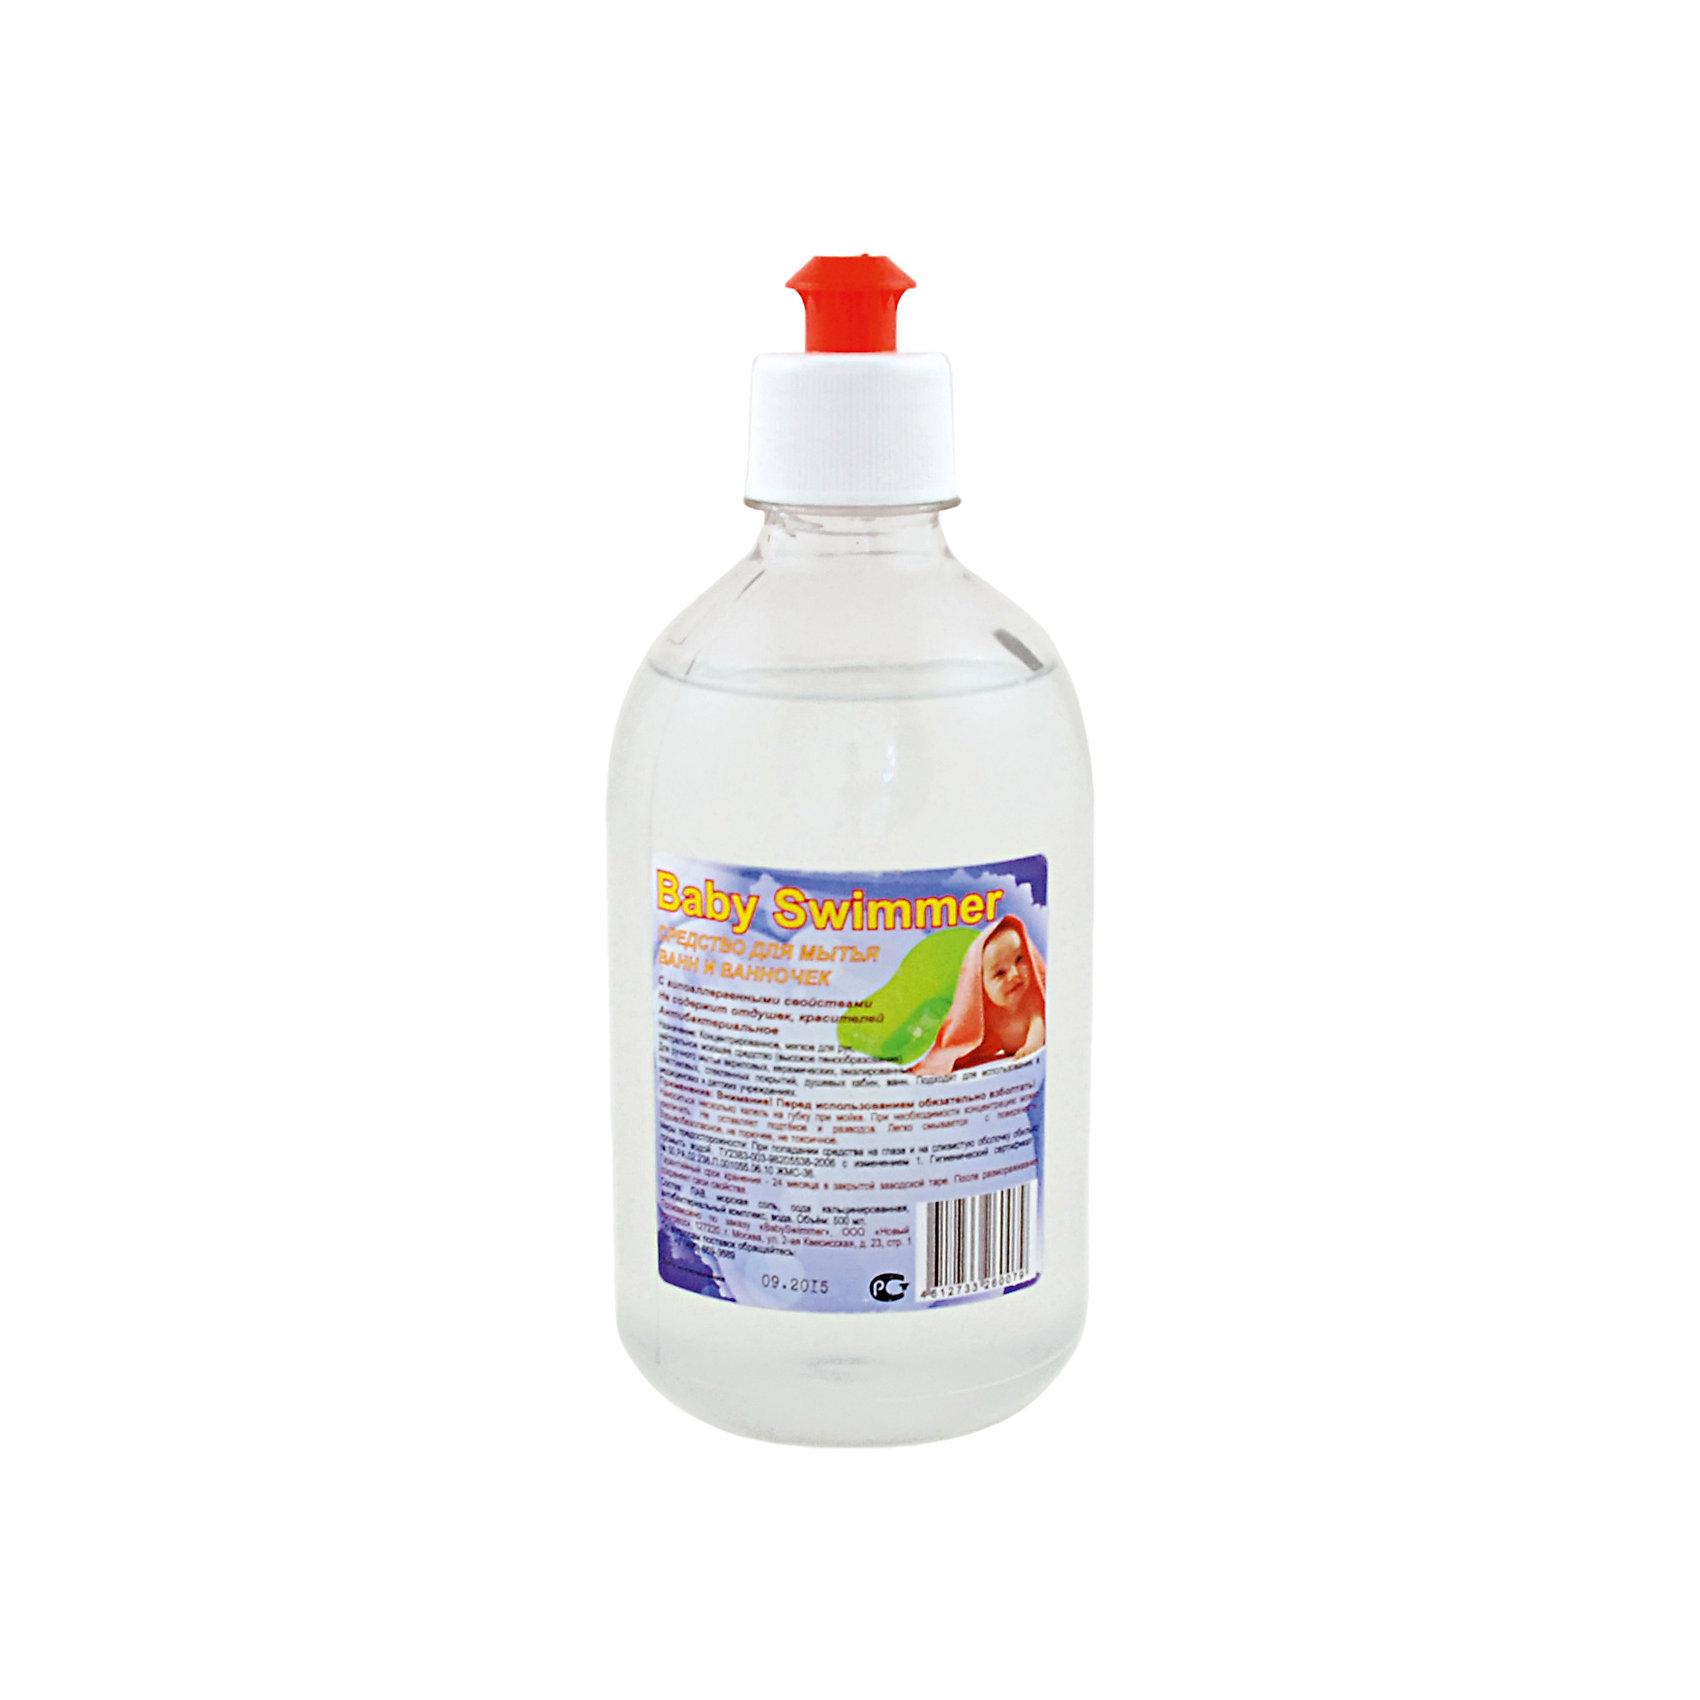 Жидкое средство для мытья ванночек Baby Swimmer, 500 мл